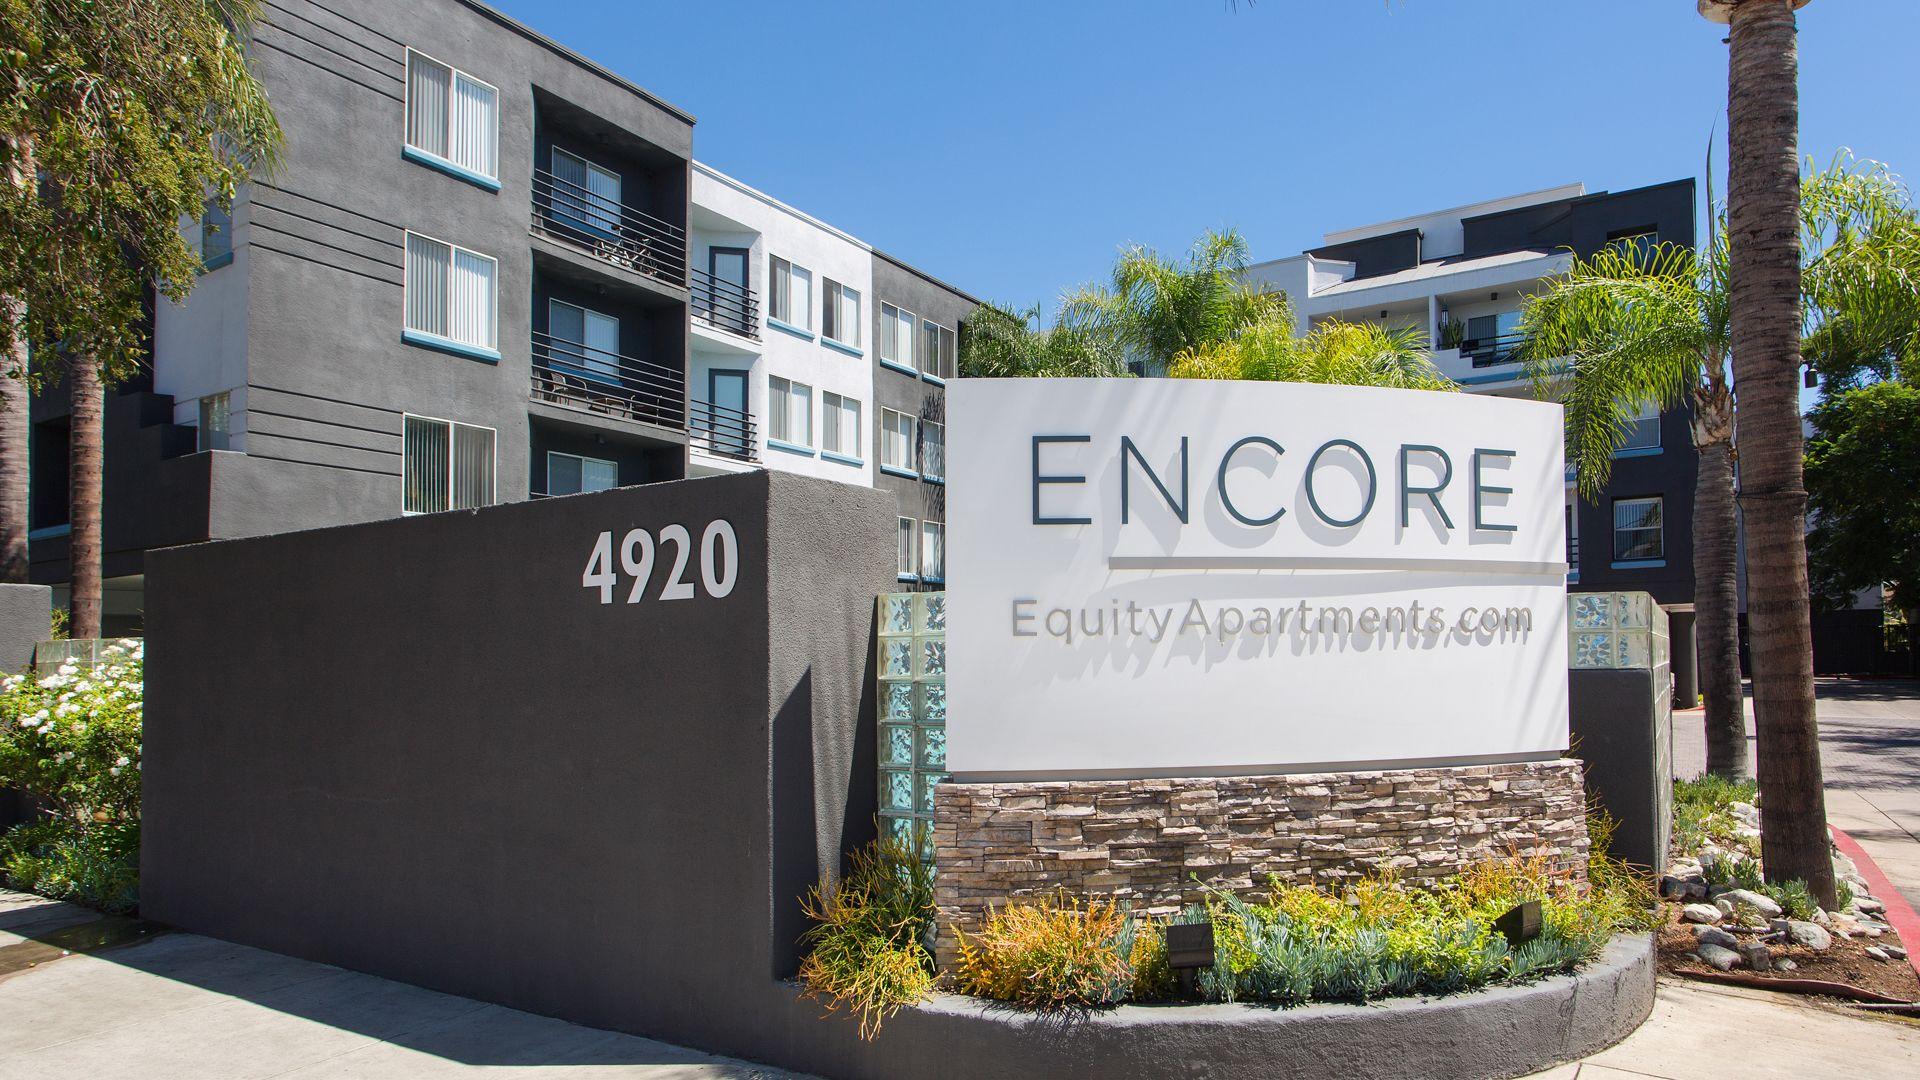 The Encore - Entrance